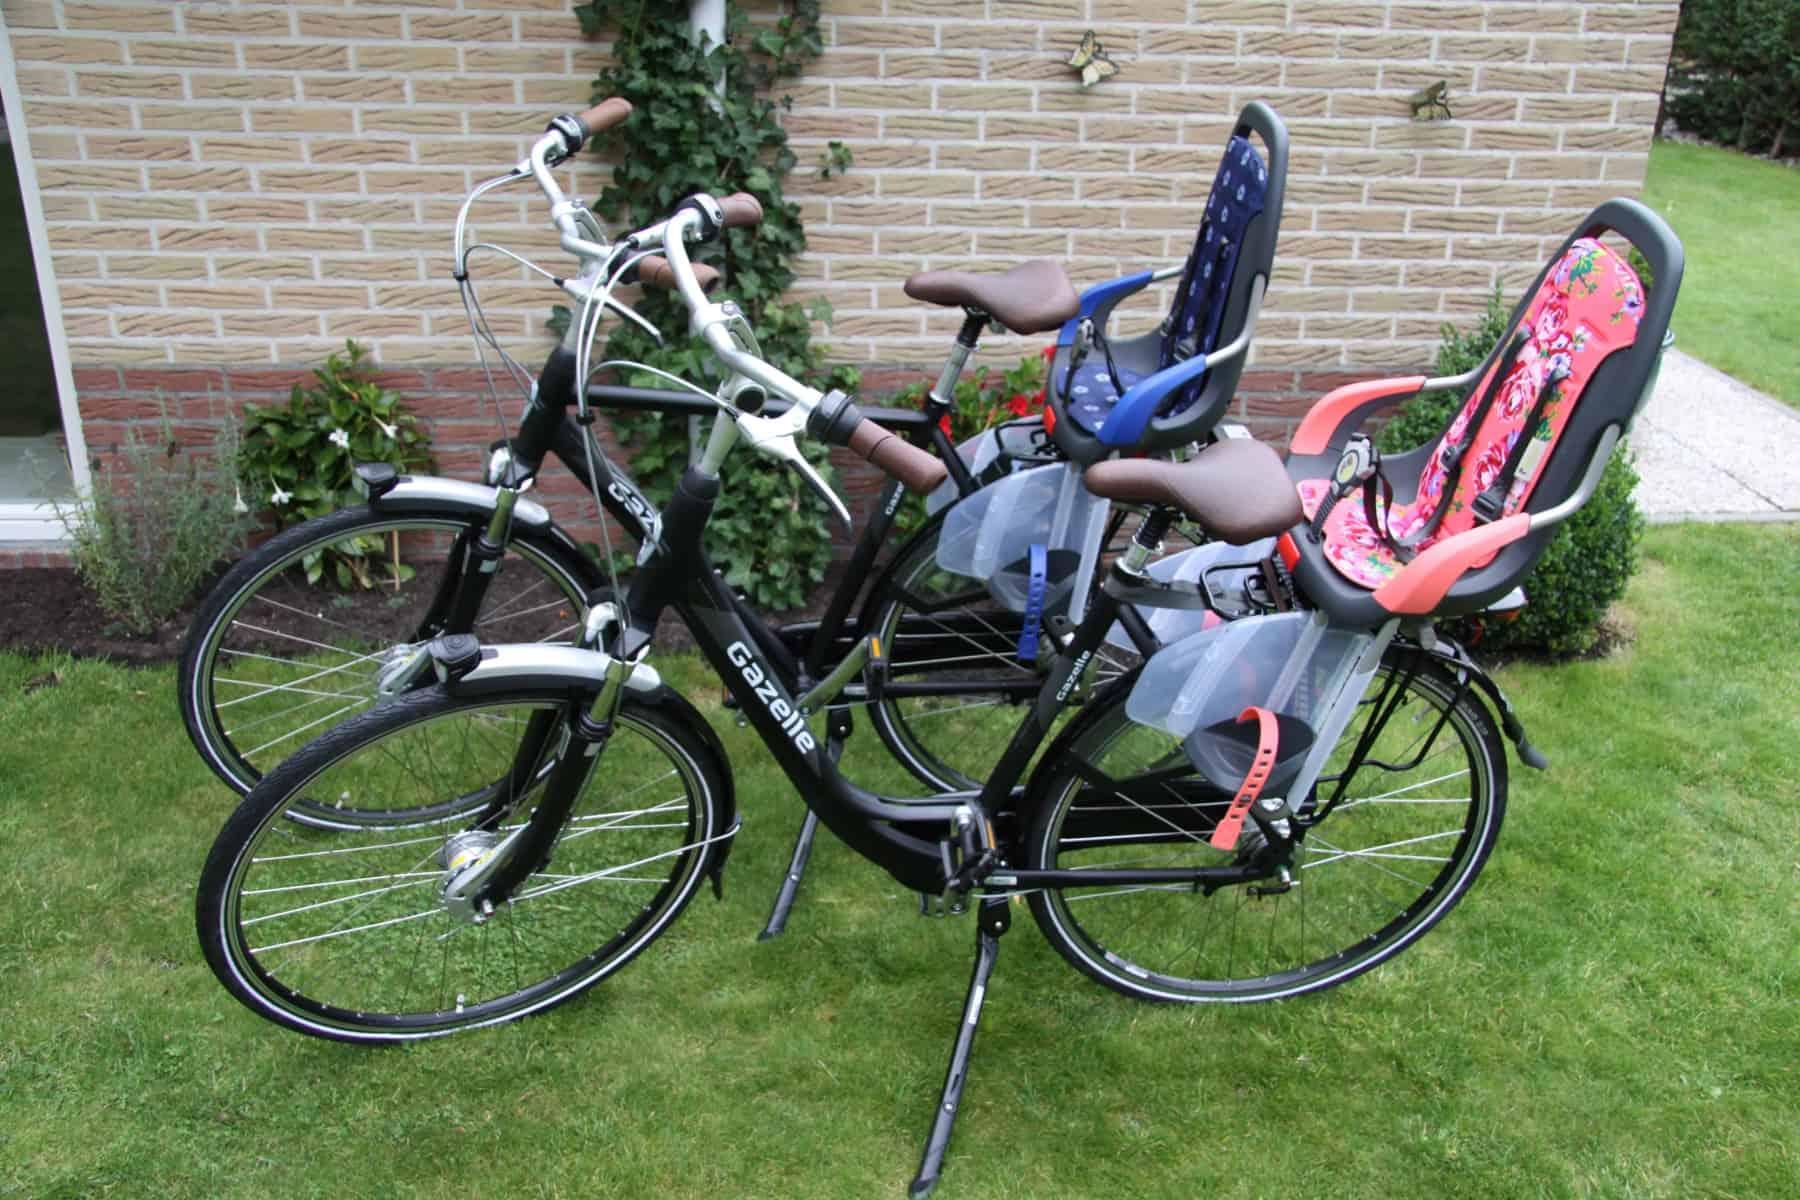 2 Gazelle-Räder mit Kindersitzen